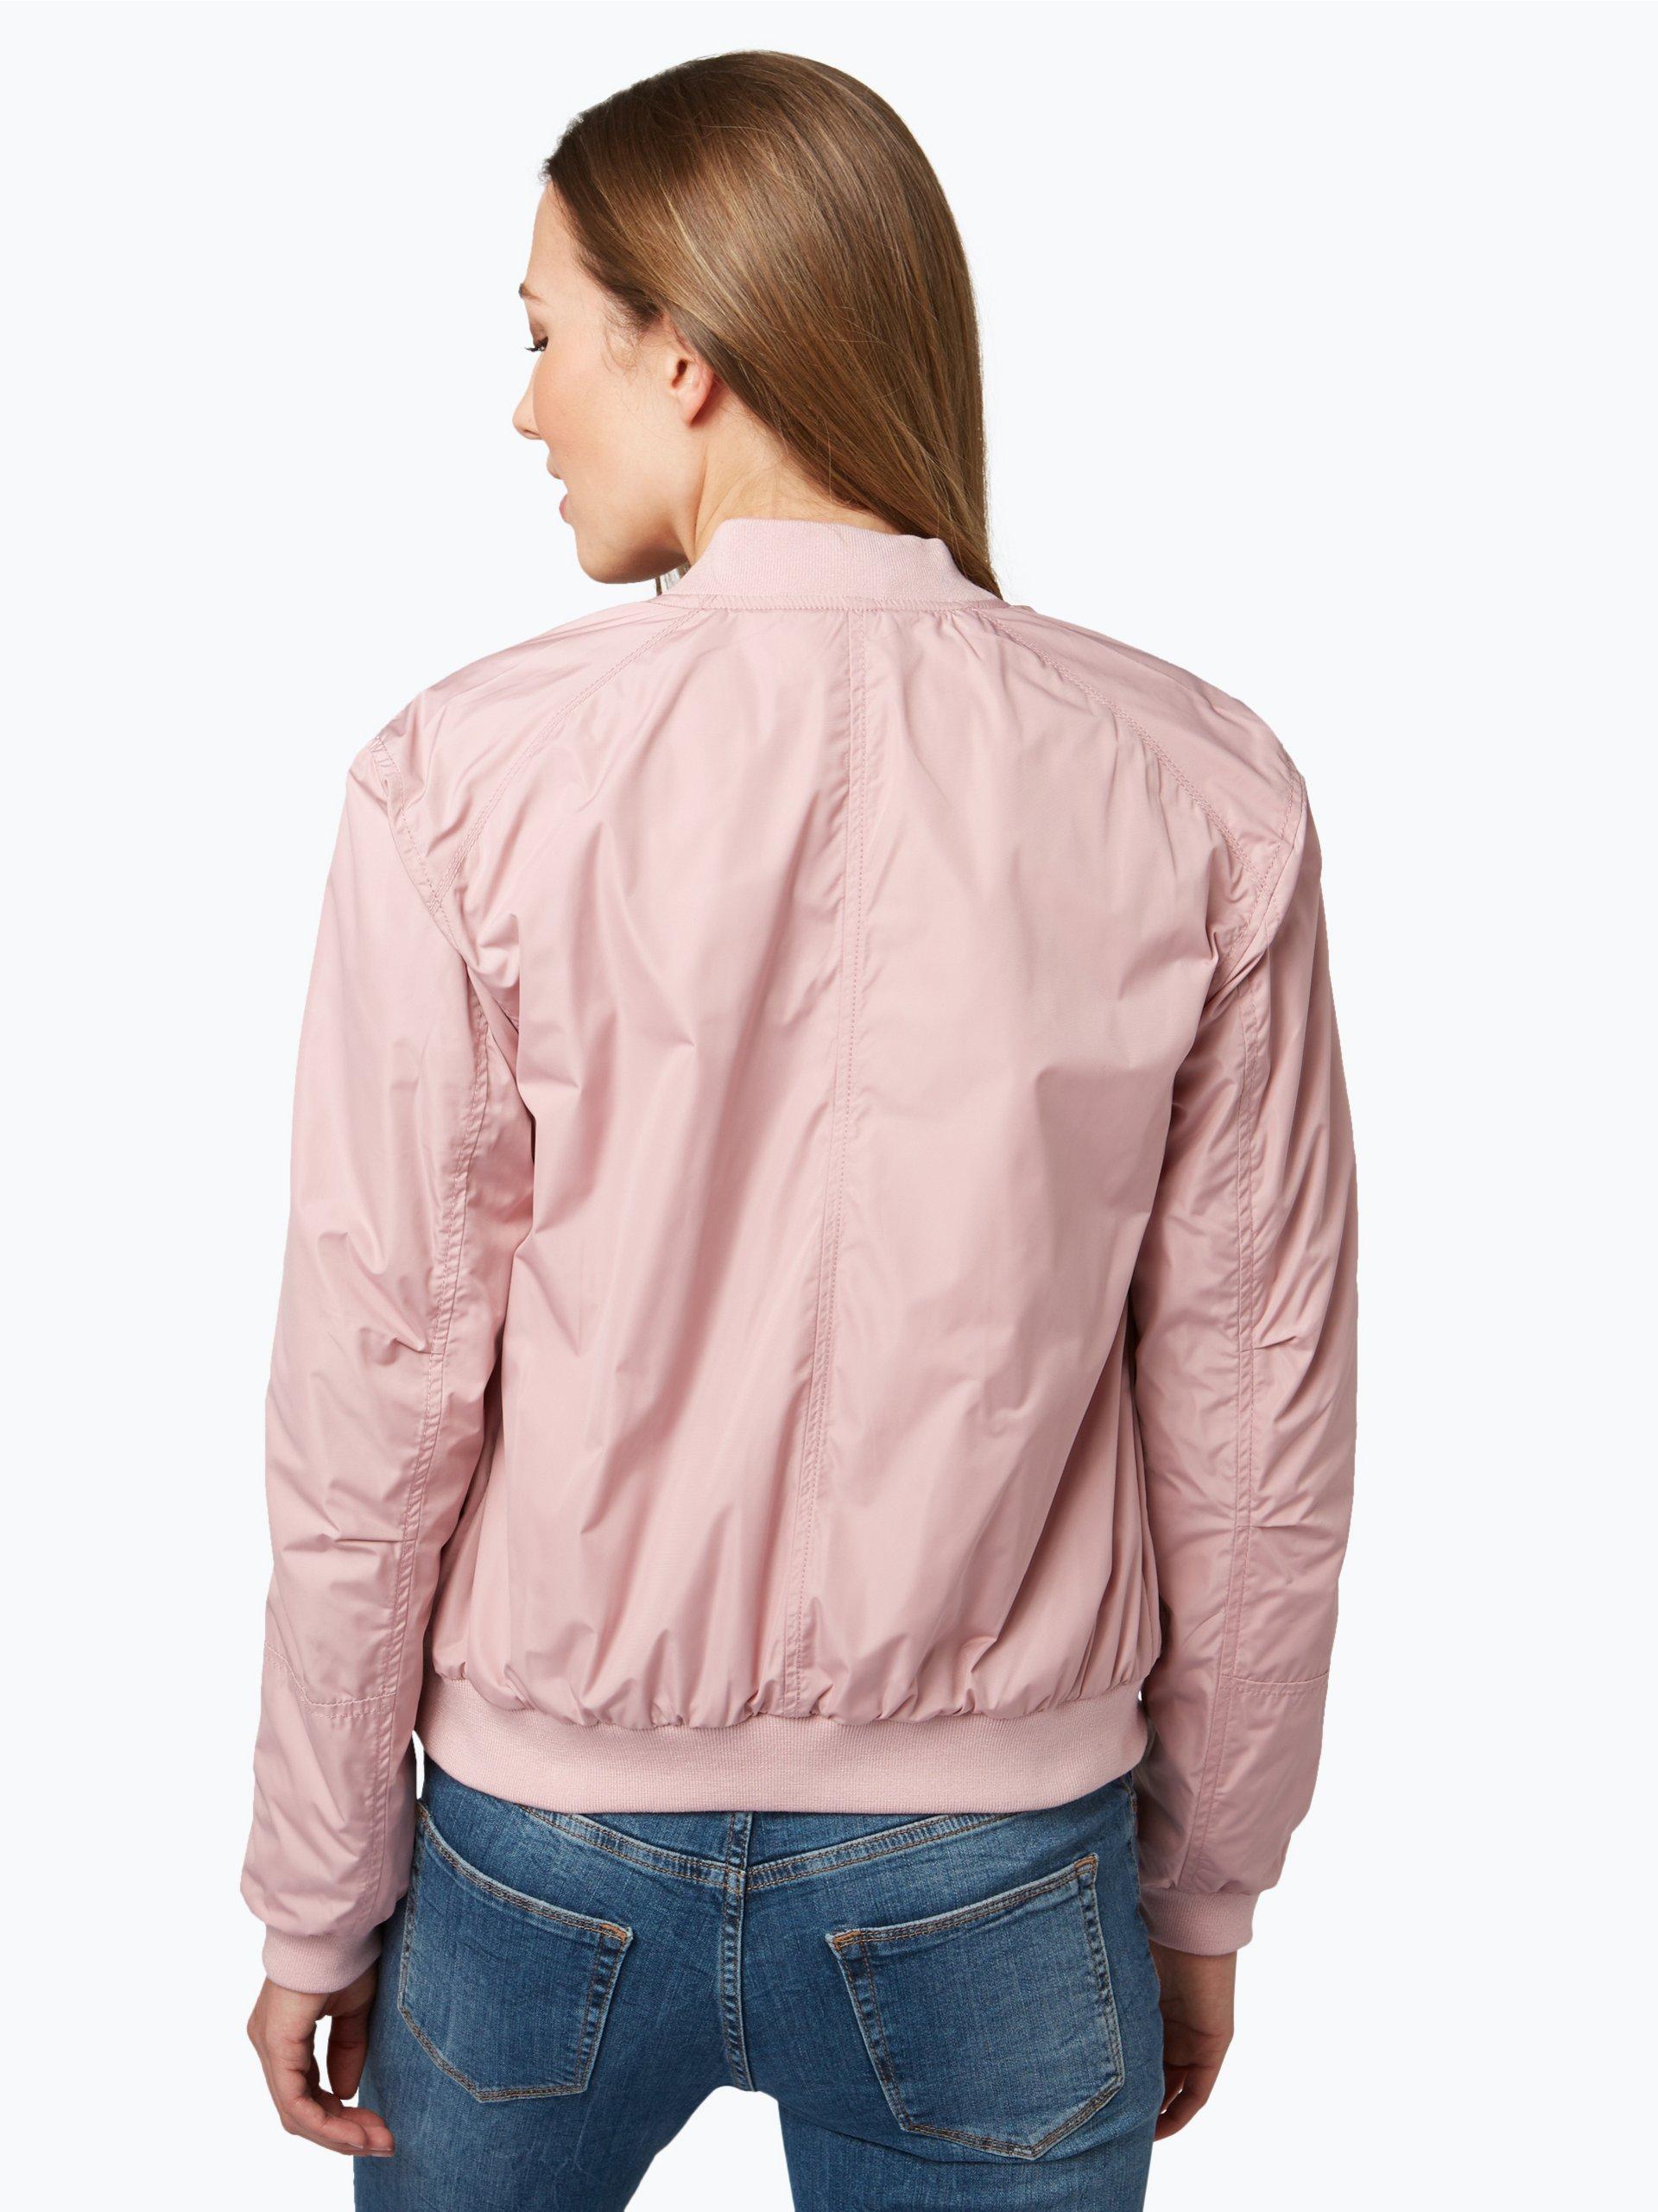 tommy jeans damen jacke rosa uni online kaufen vangraaf com. Black Bedroom Furniture Sets. Home Design Ideas